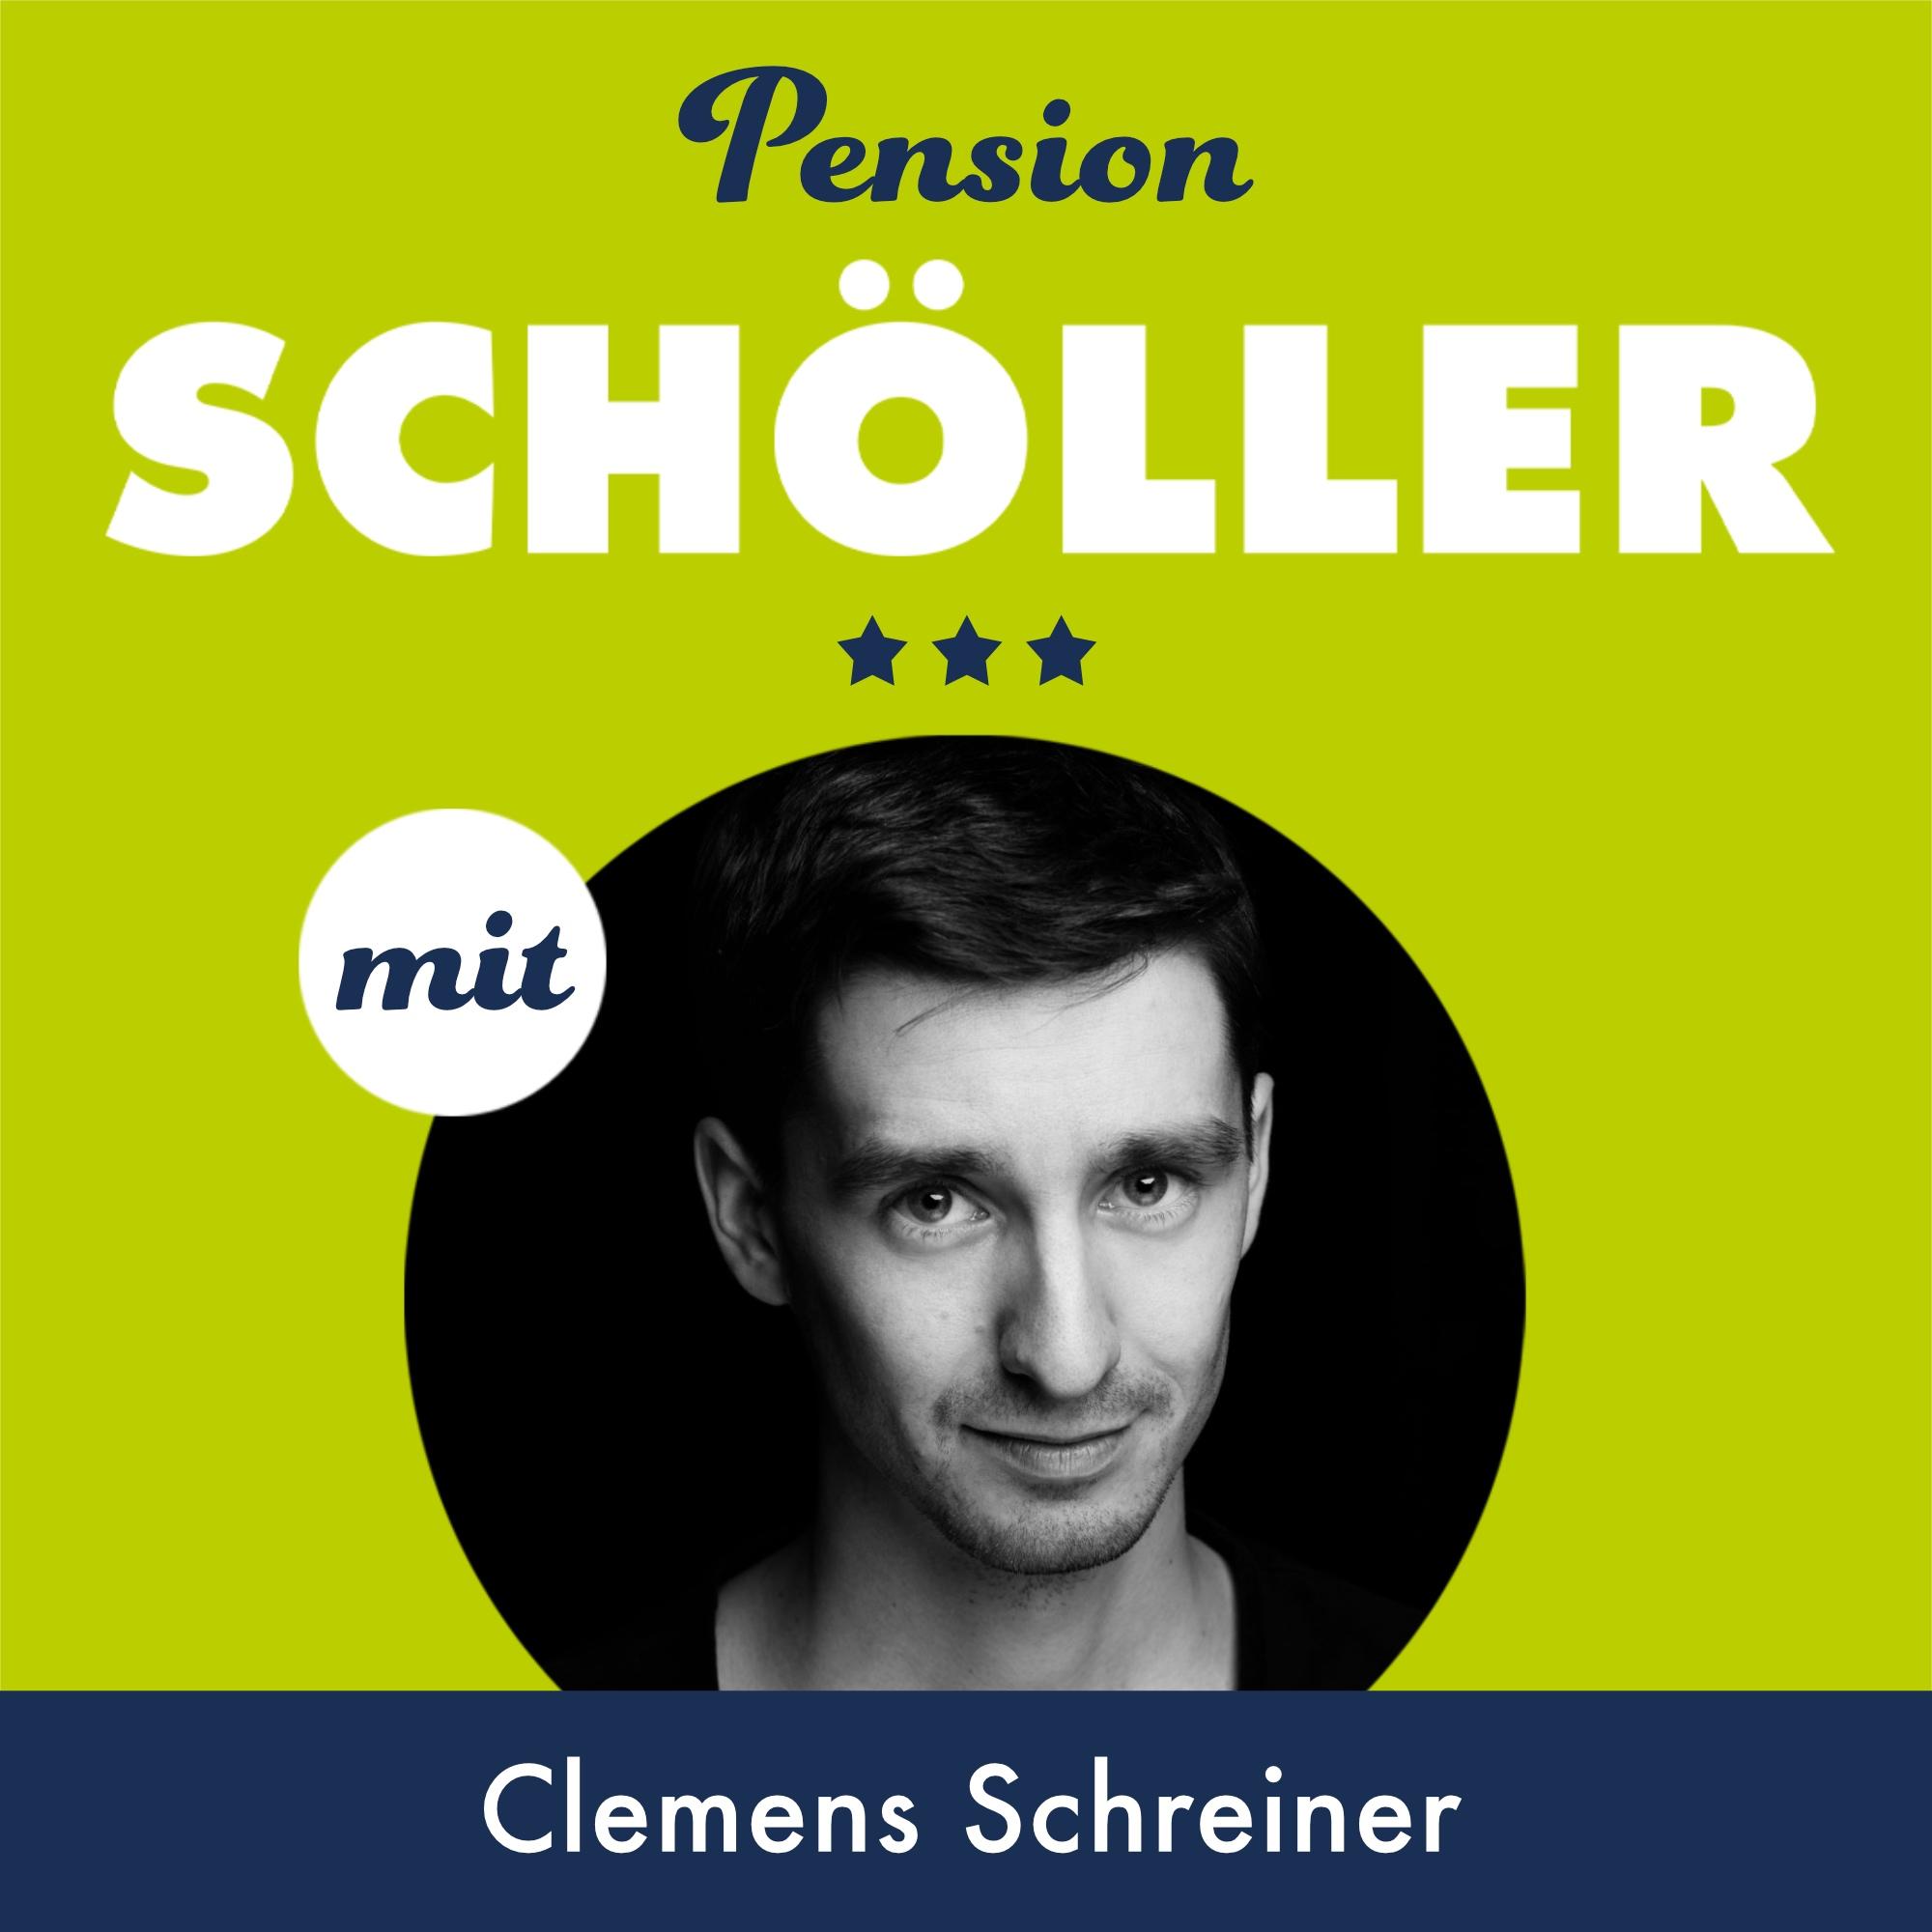 #9 Clemens Schreiner